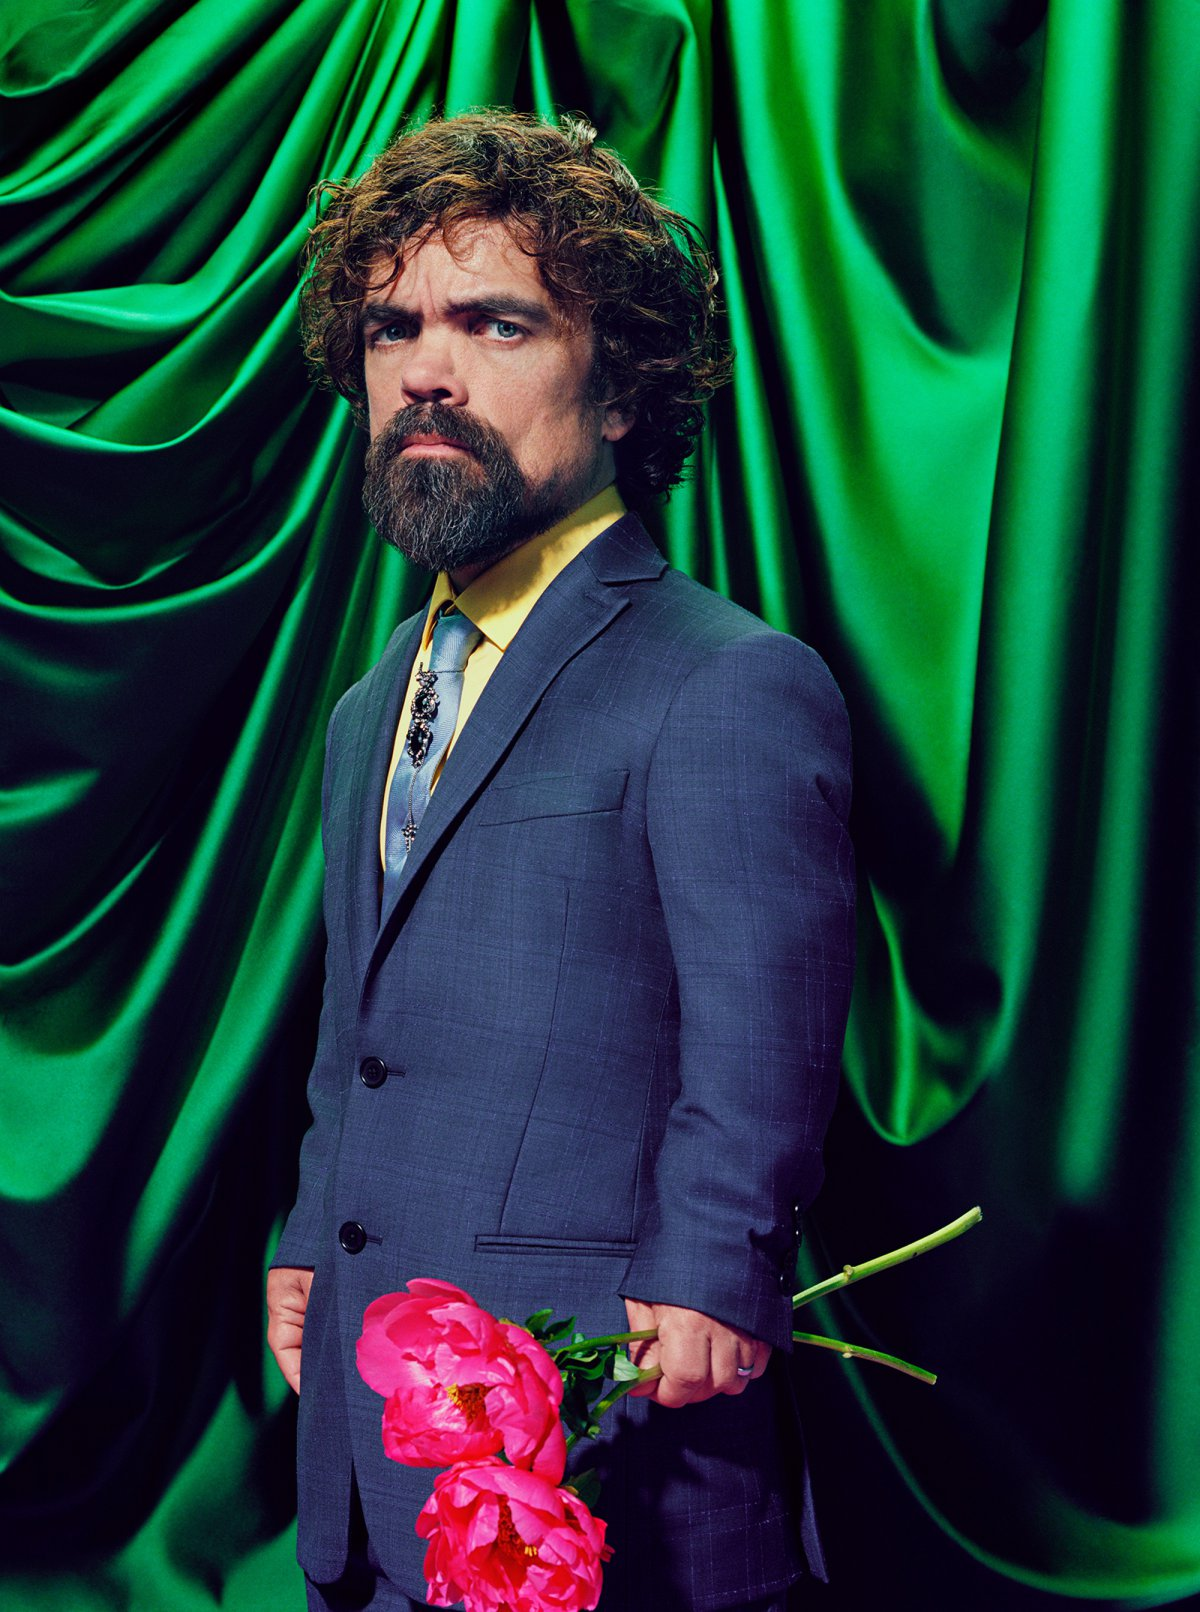 Des portraits d acteurs de Game of Thrones riches en couleur pour le  magazine TIME 57d10740094b